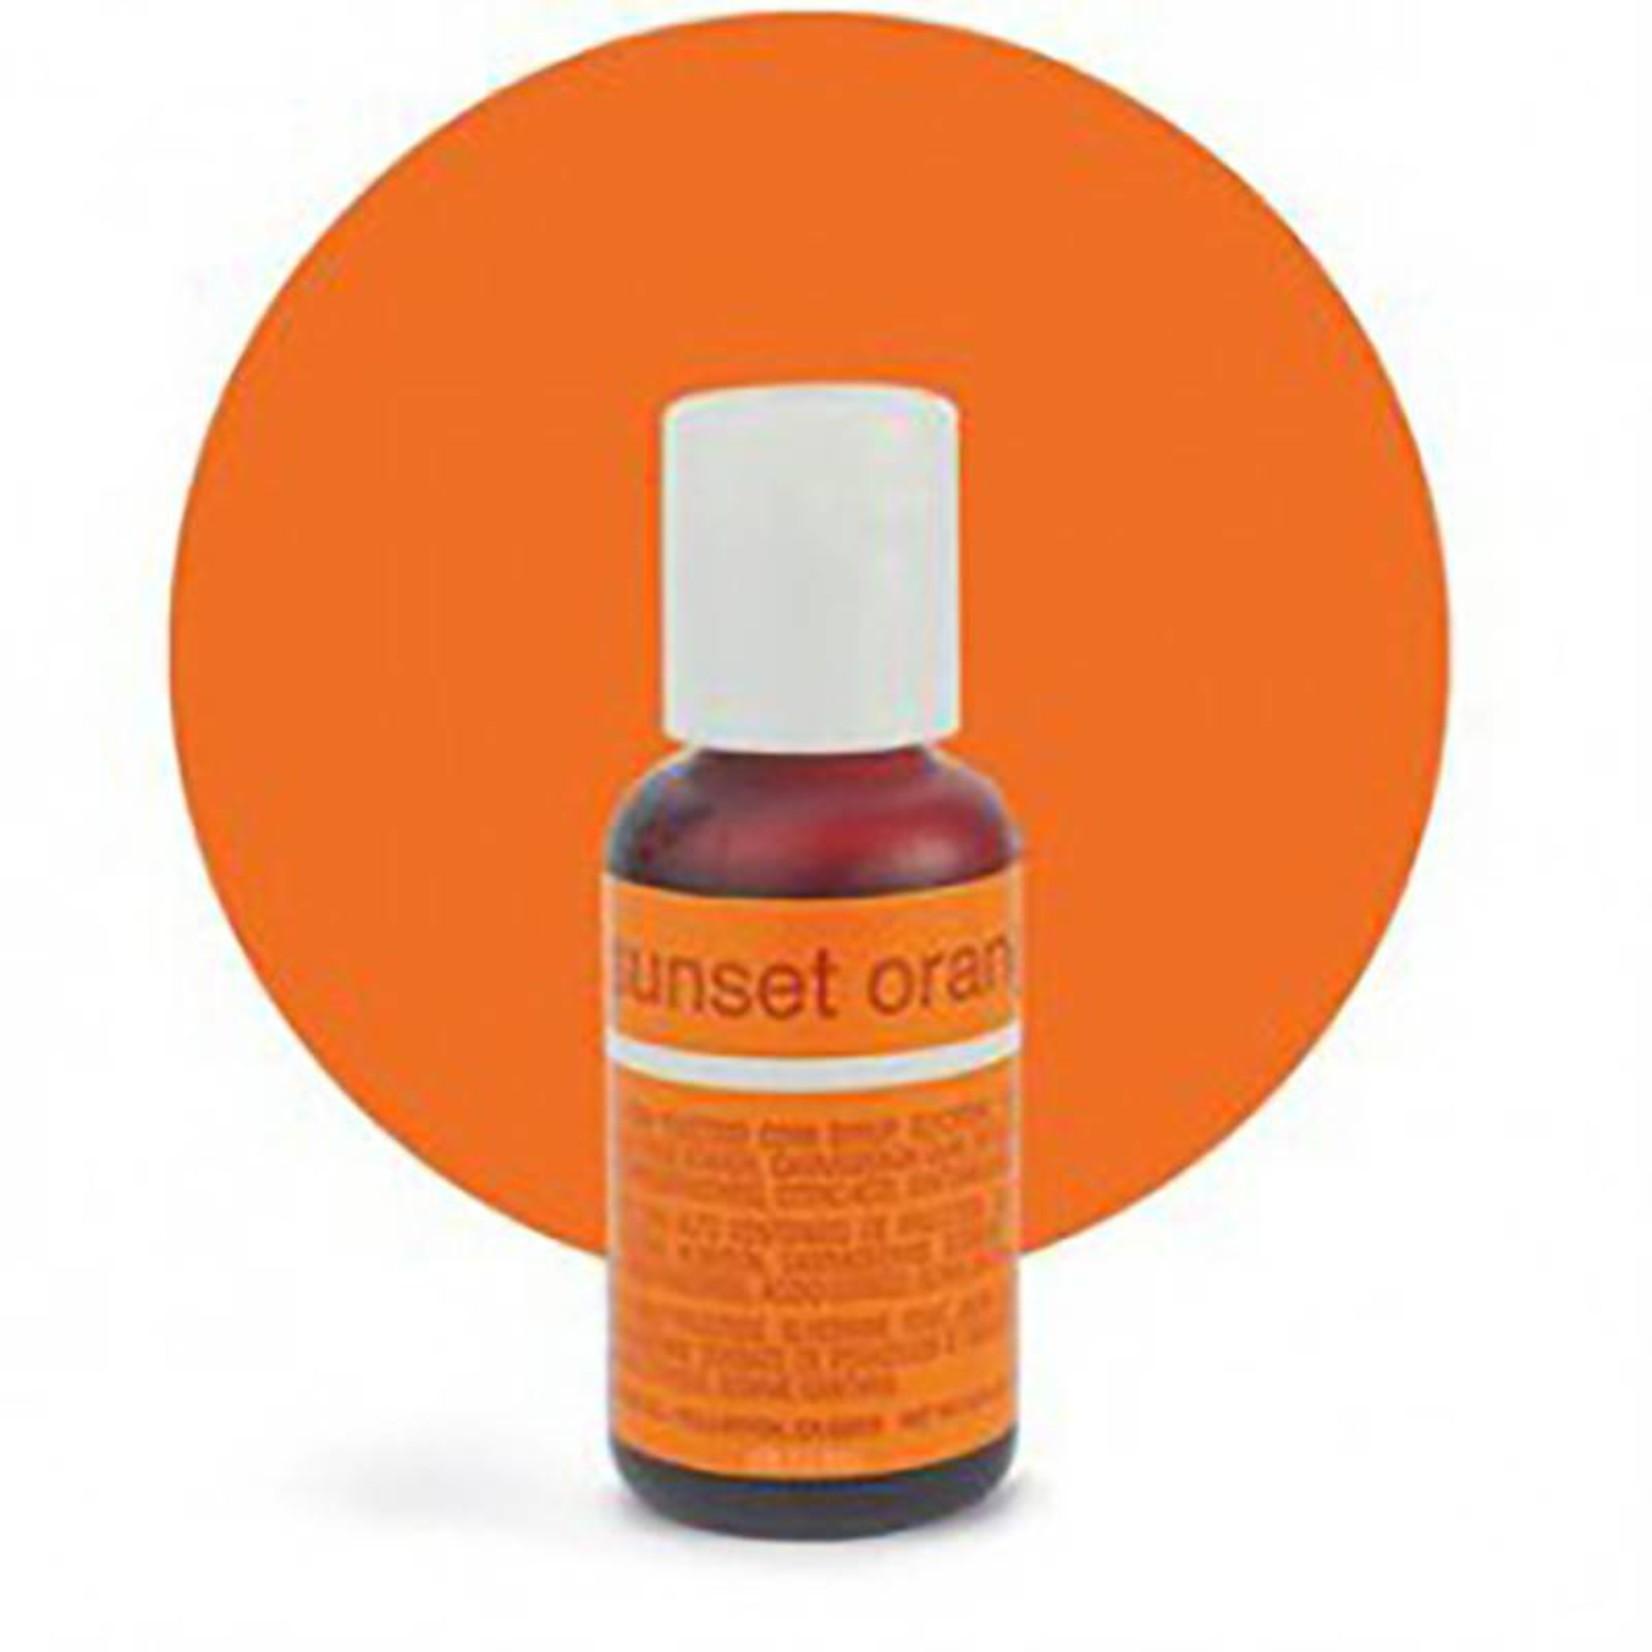 Chefmaster Chefmaster - Sunset Orange Gel food color - 0.70oz